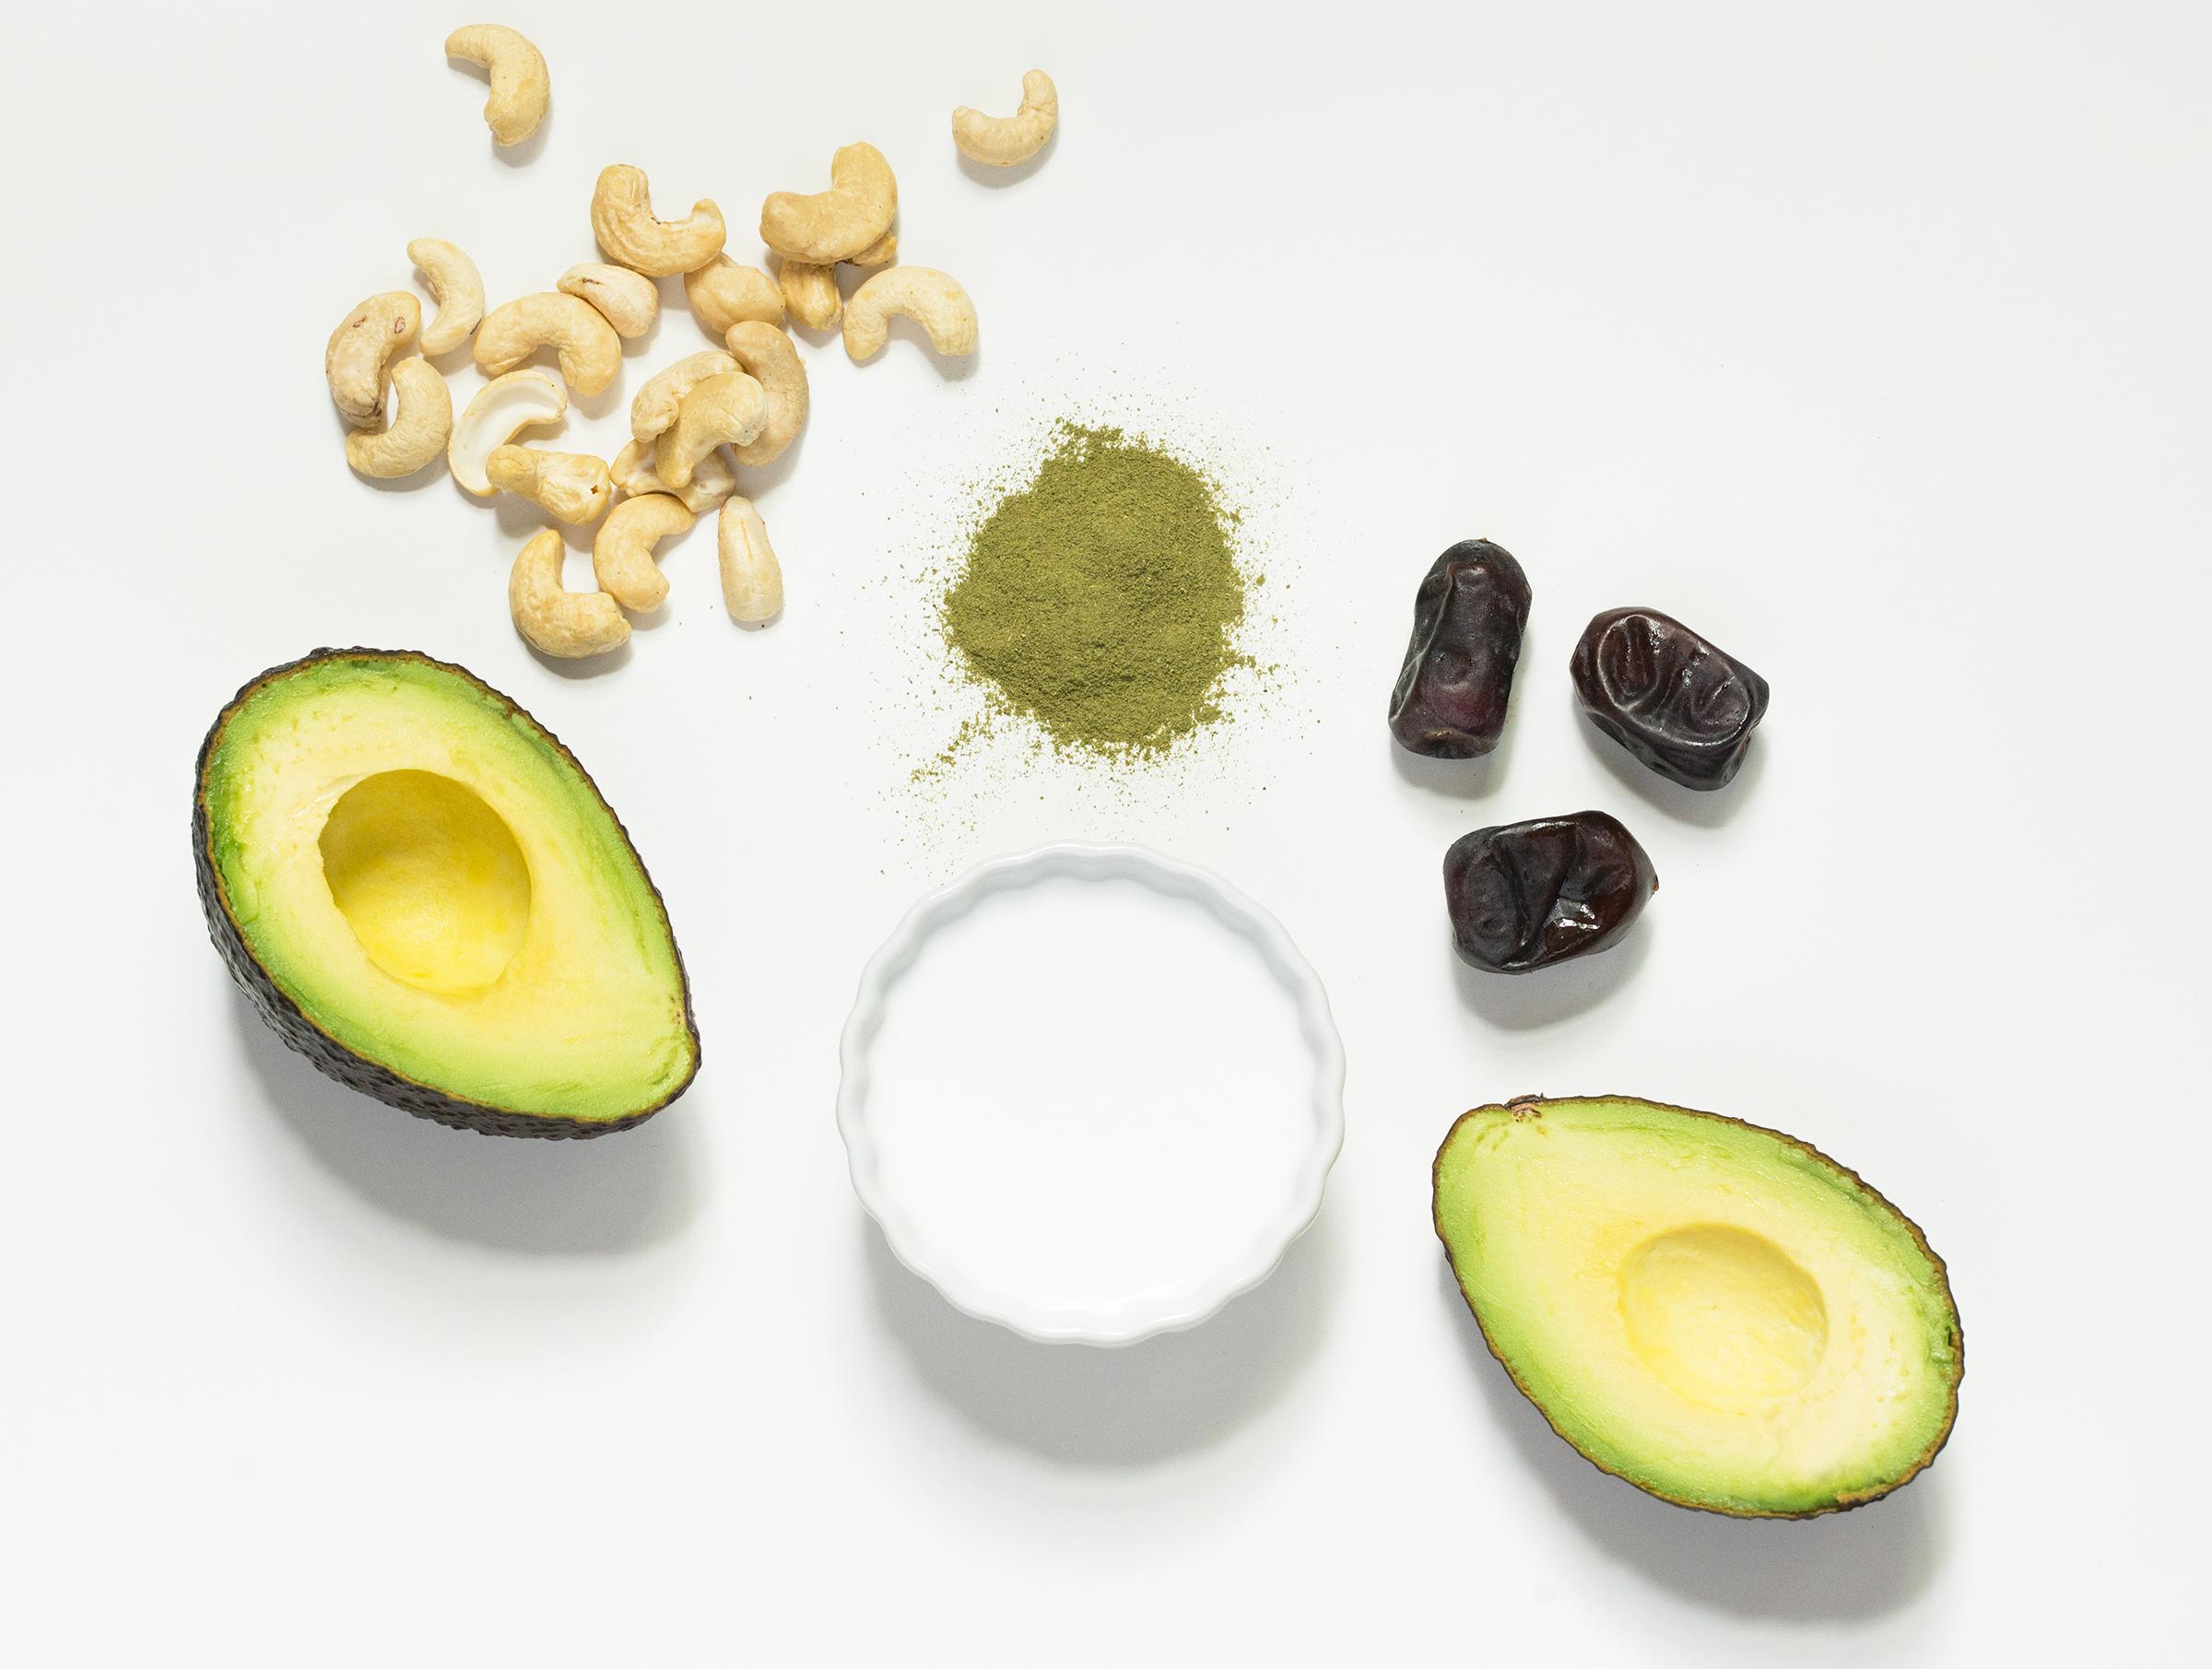 creamsicles-ingredients-2.jpg